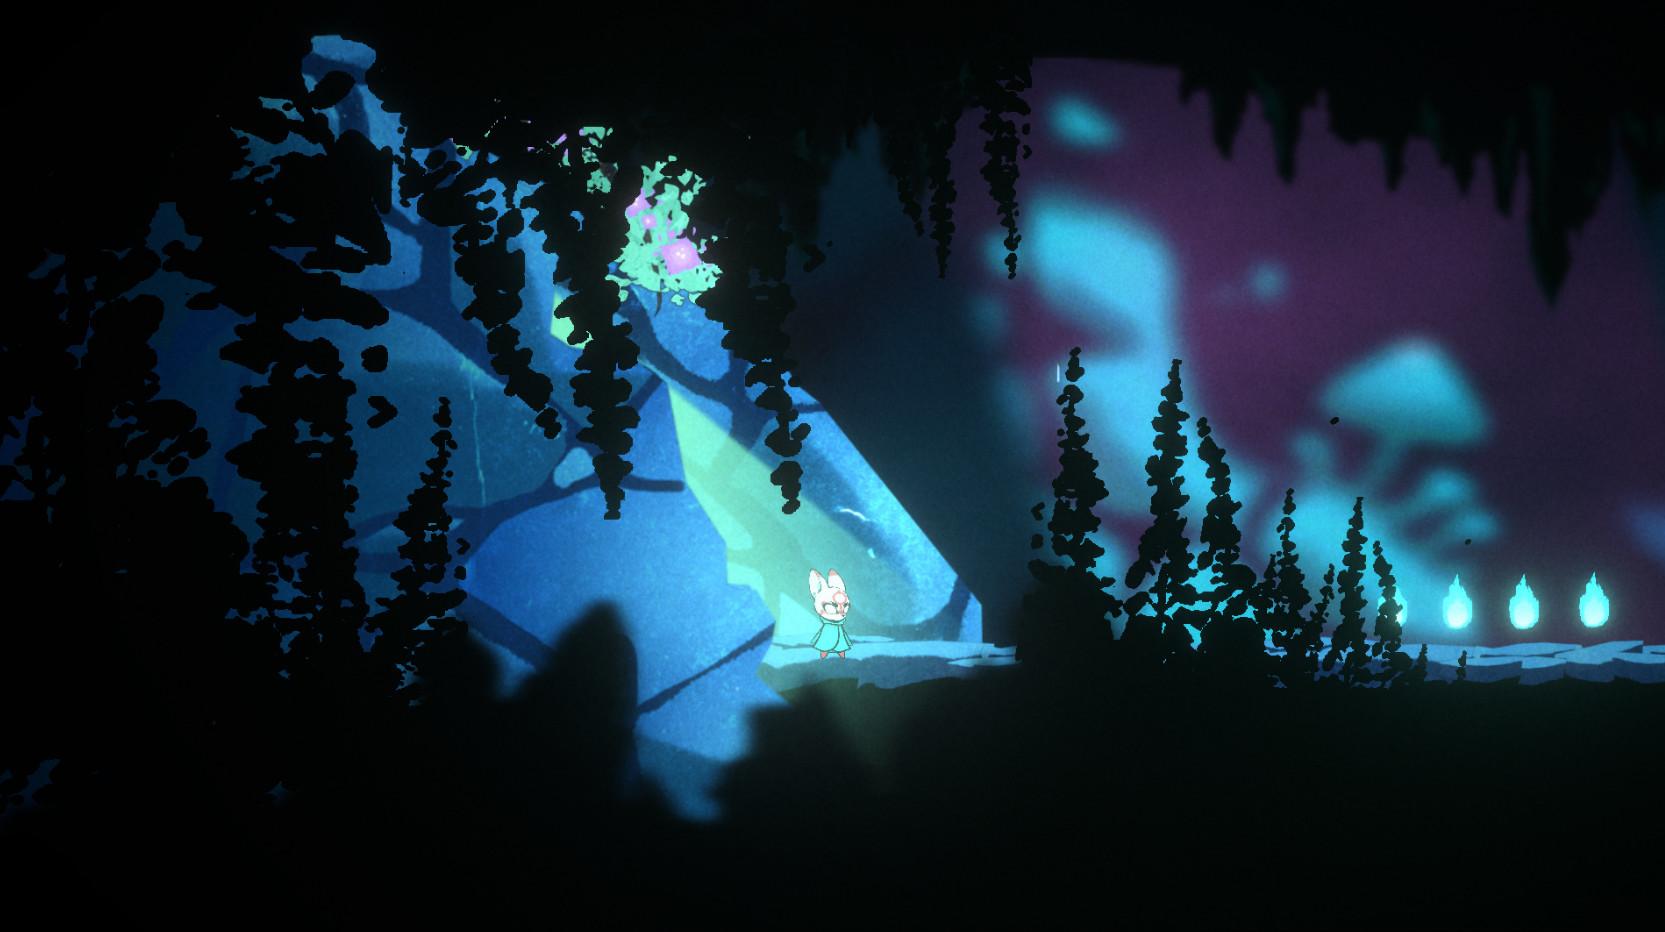 日本神话2D平台冒险游戏《杖》Steam页面上线 计划2022年发售